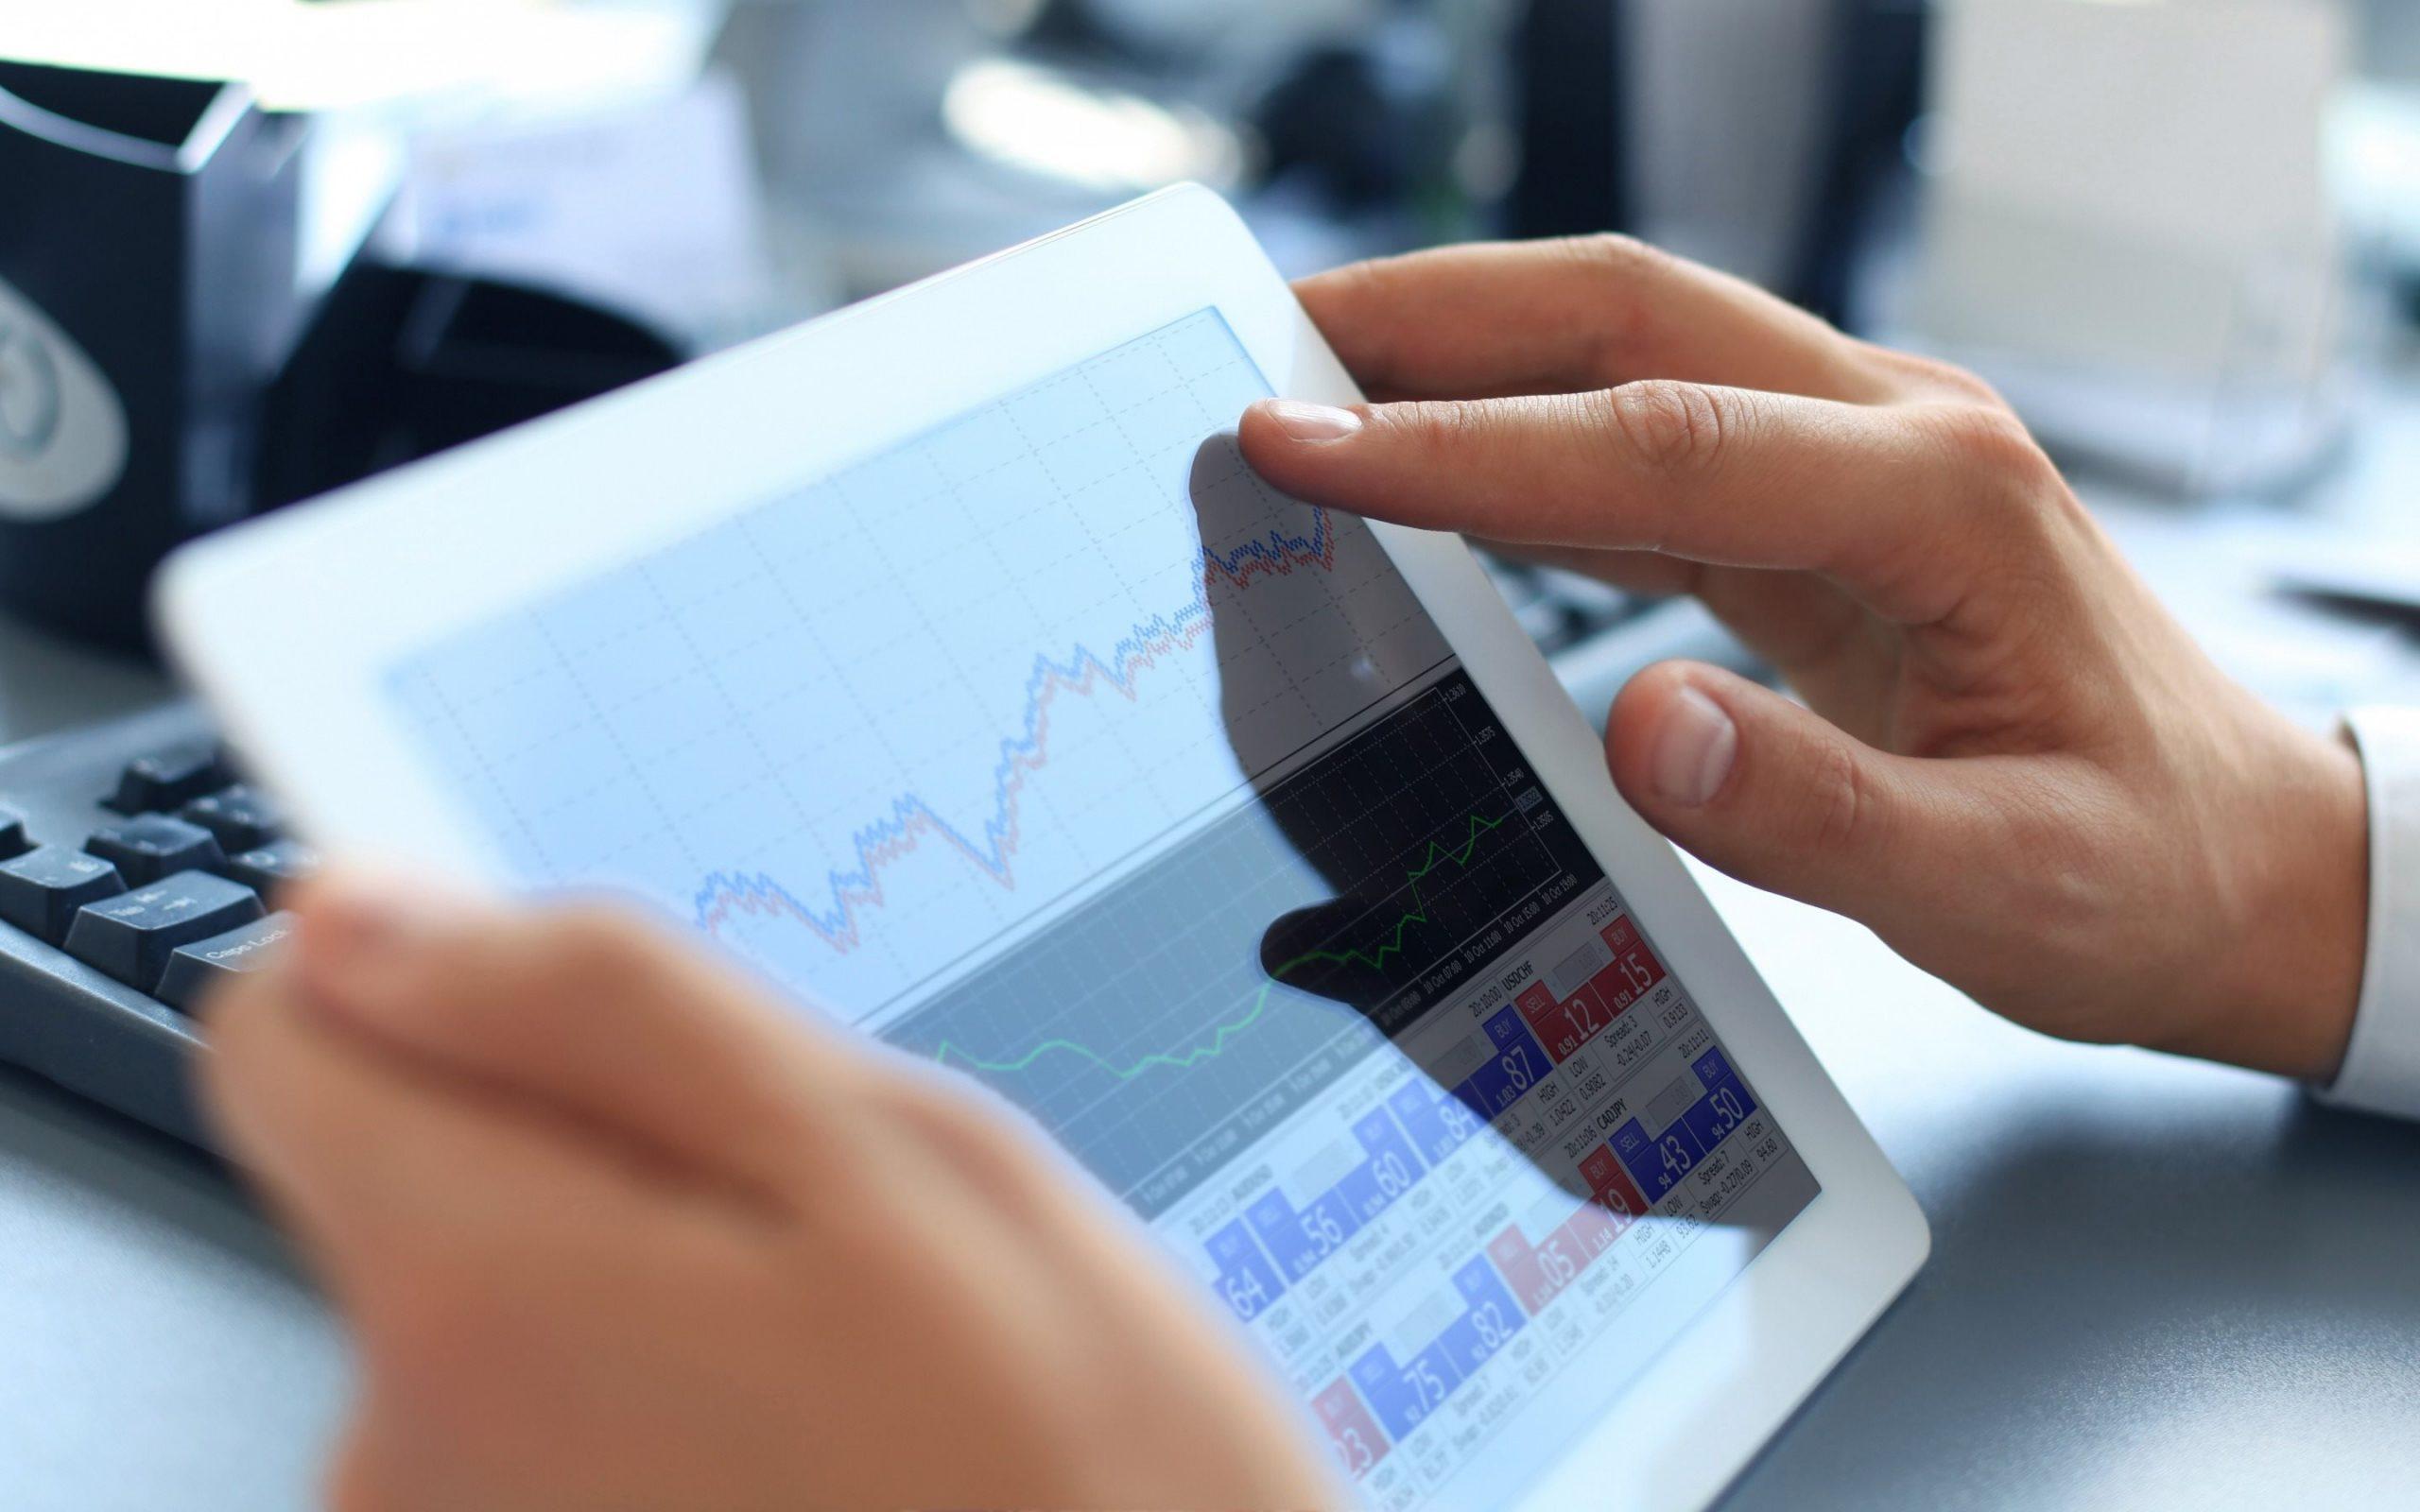 Apakah Mengendalikan Bisnis Bisa Dilakukan Lewat Smartphone?